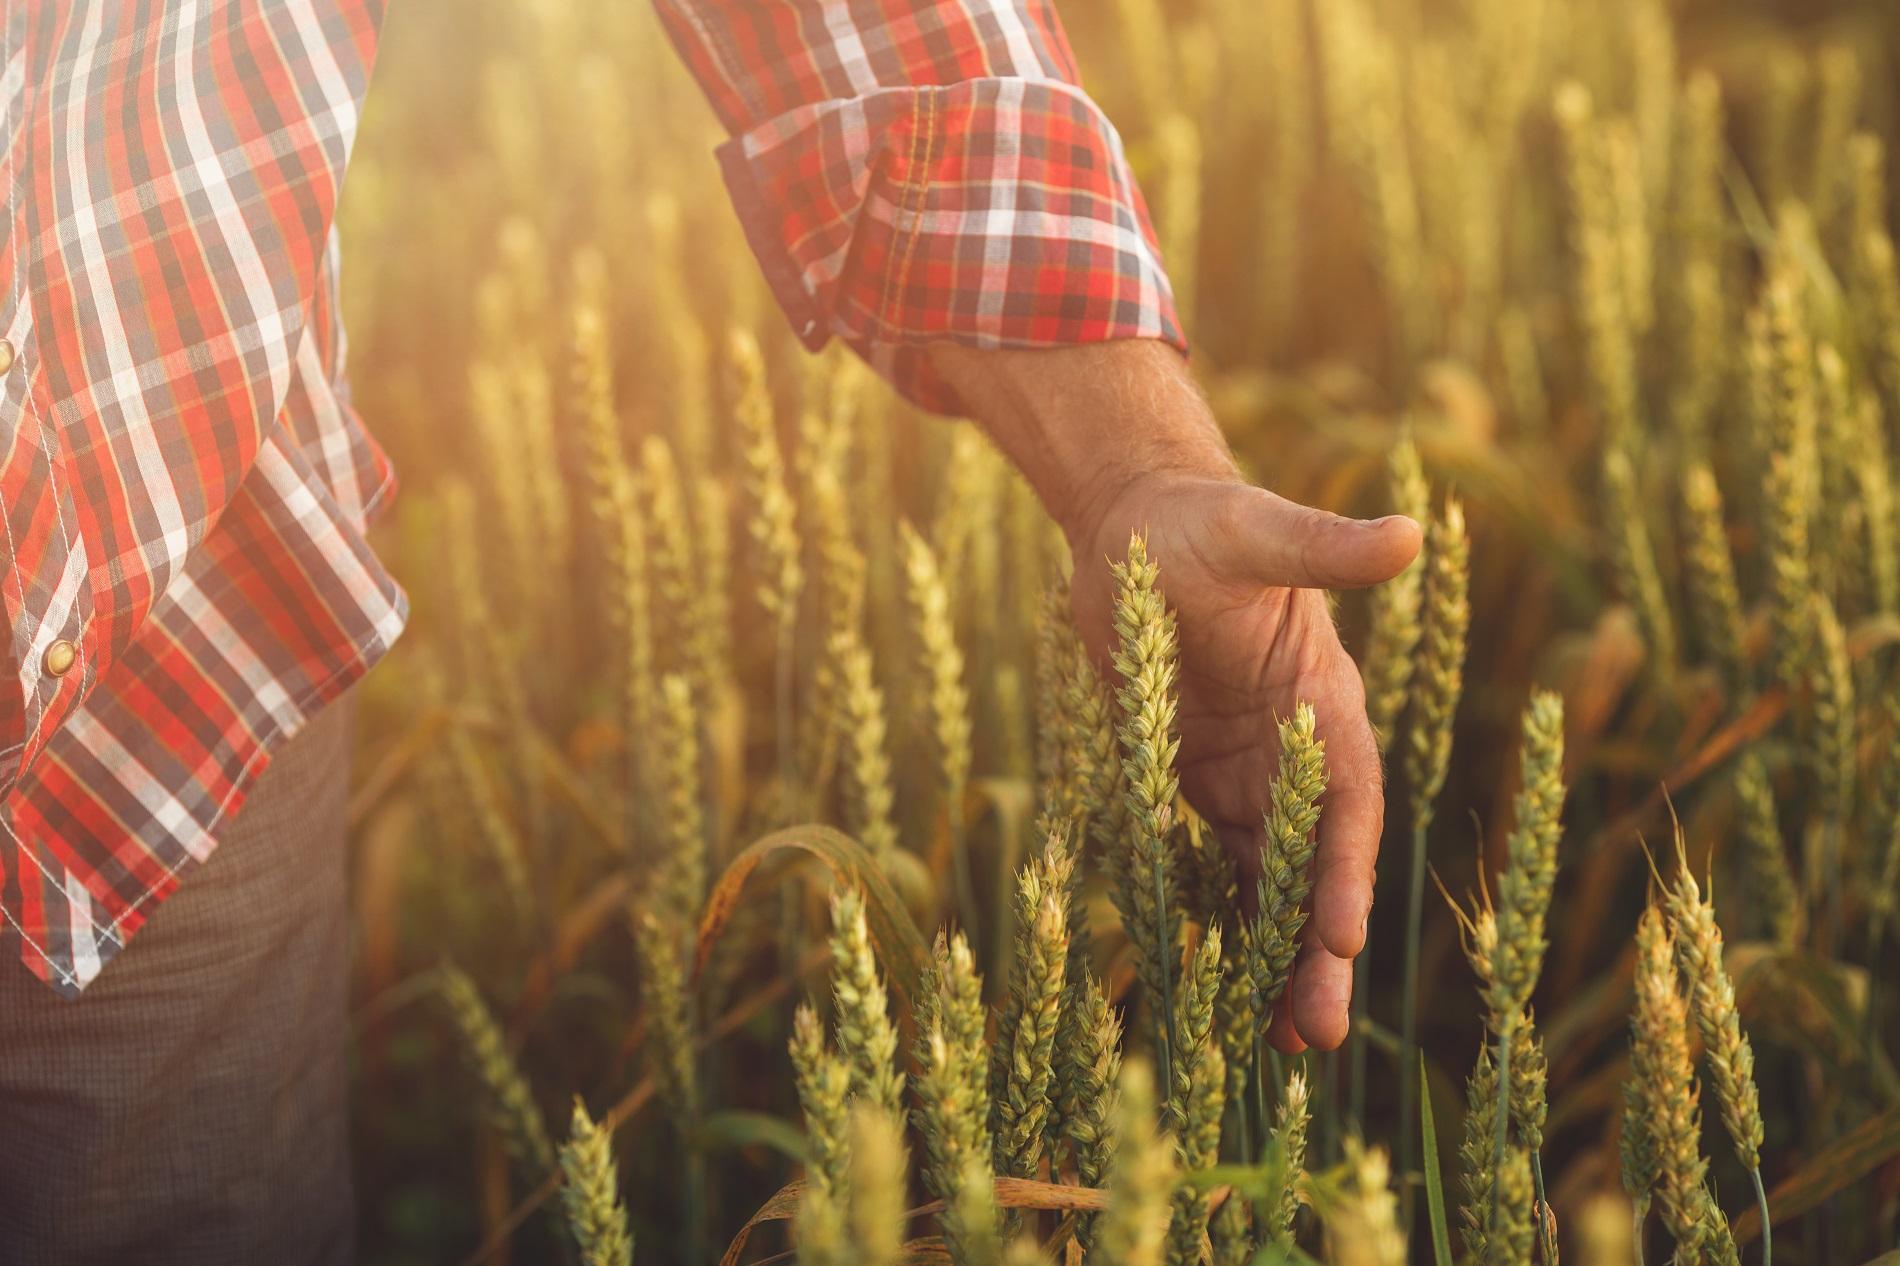 Consejos para la utilización responsable y segura de productos fitosanitarios